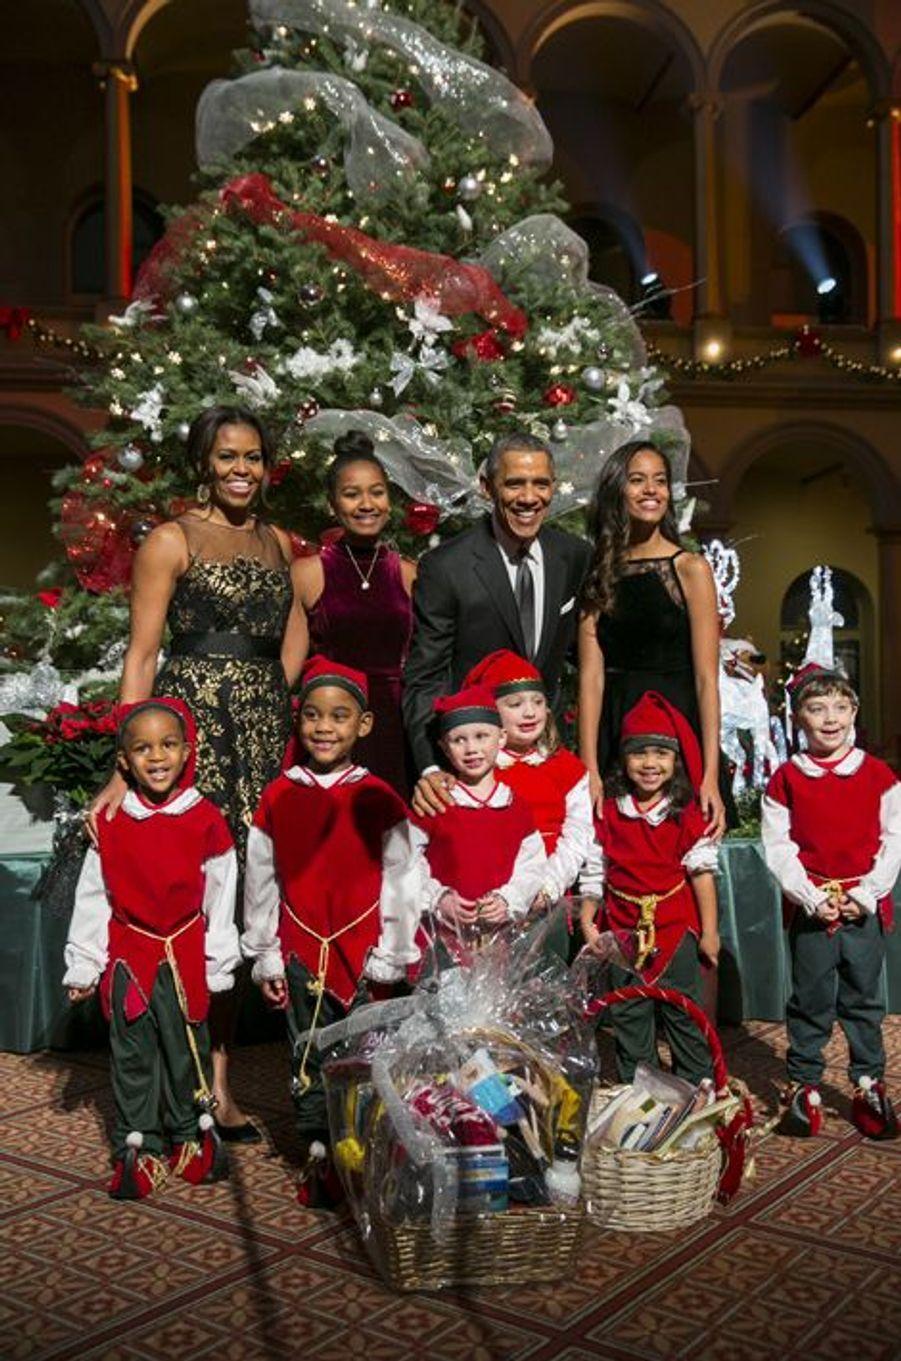 La famille Obama souriante pour Noël